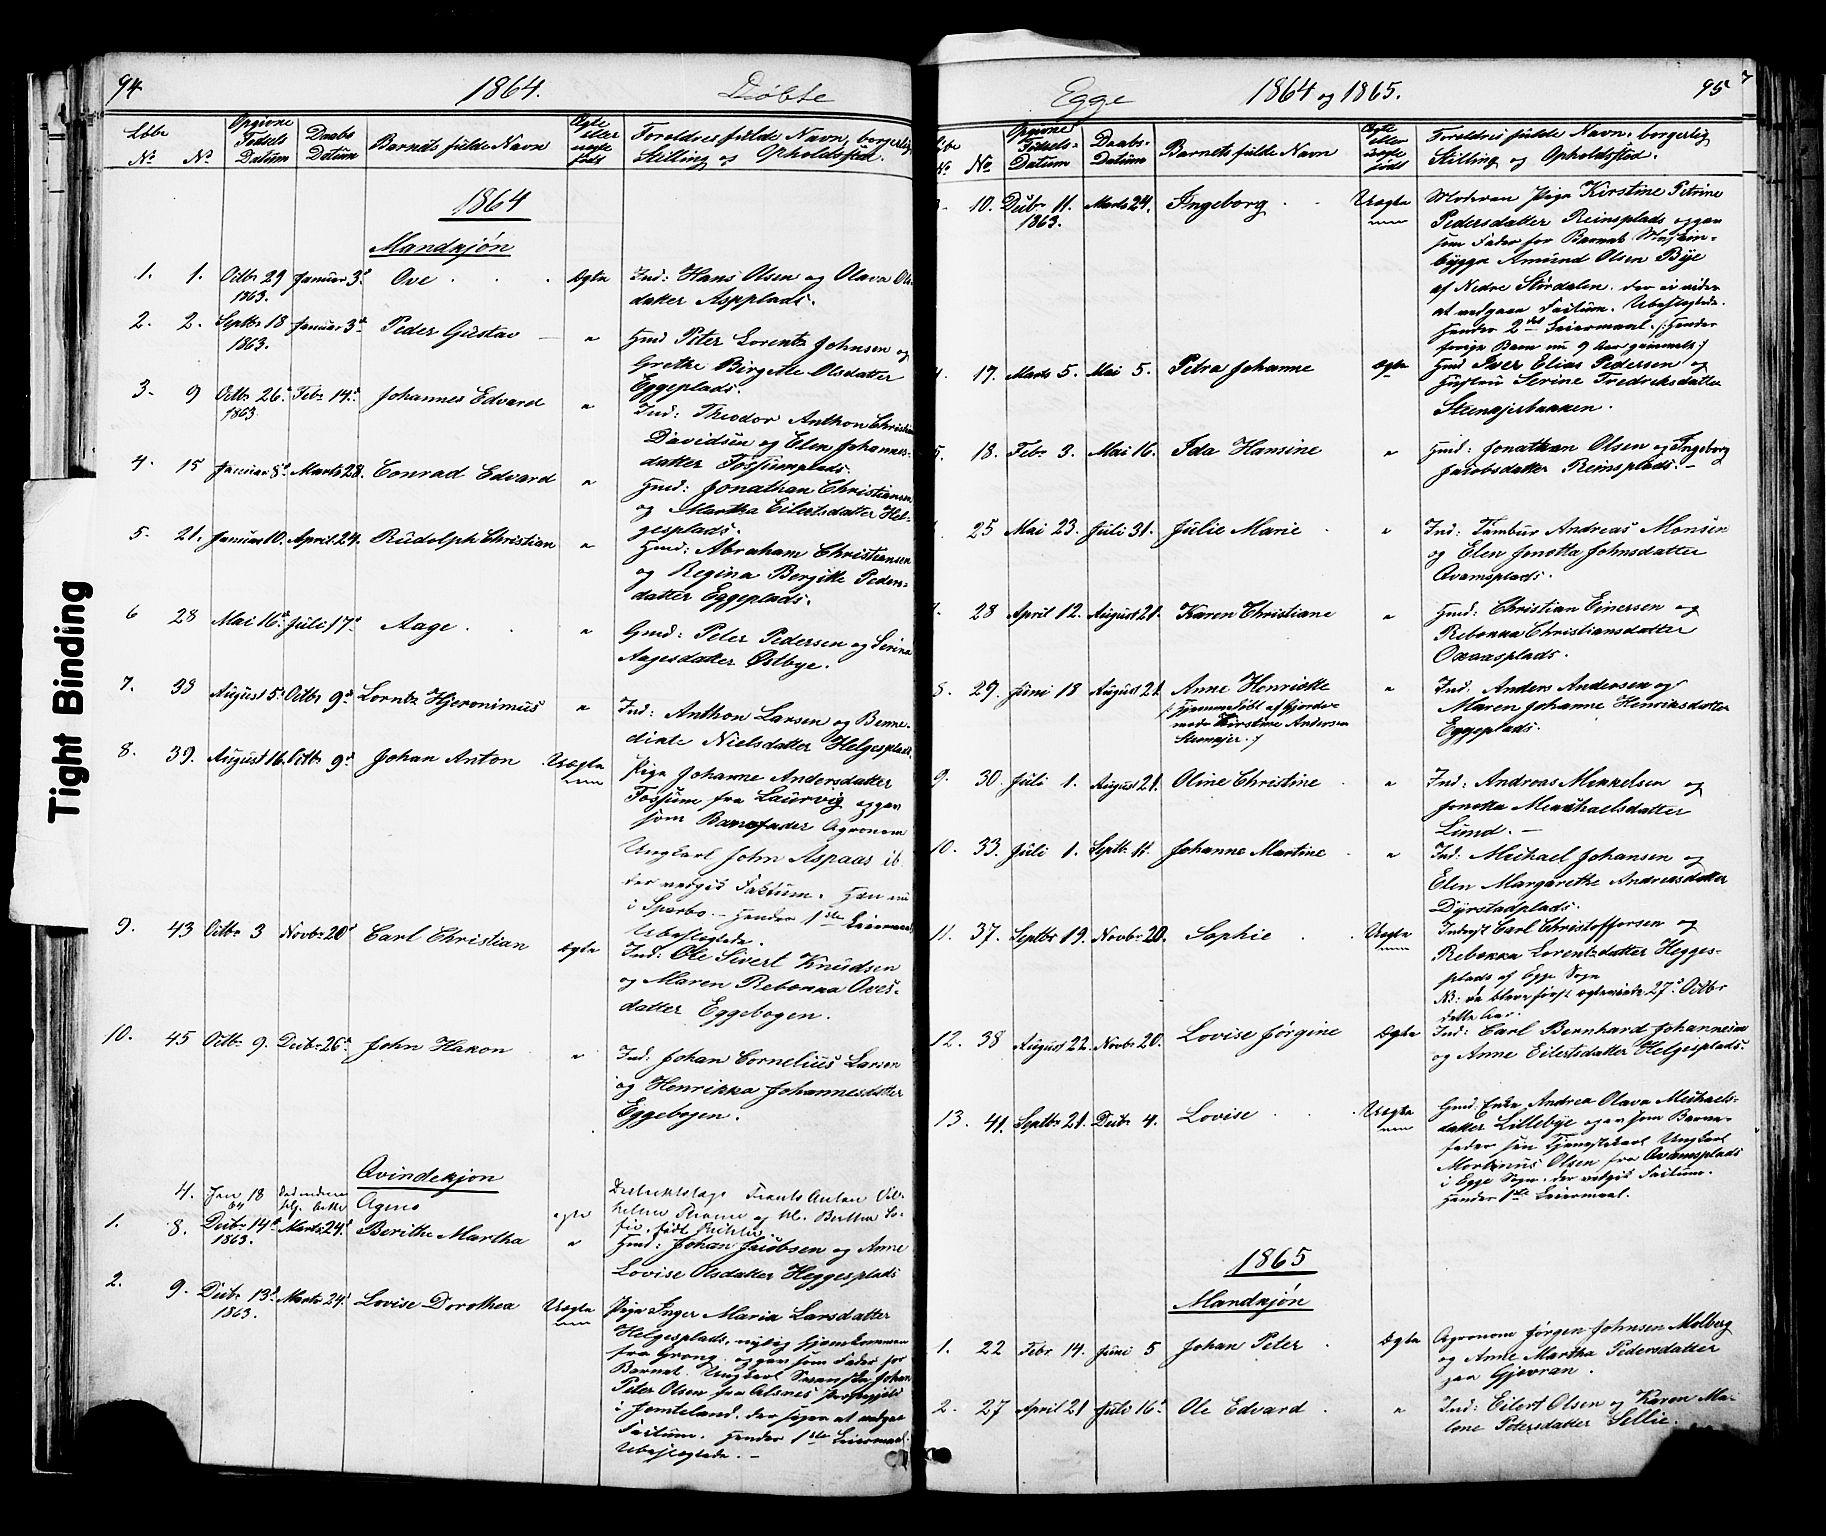 SAT, Ministerialprotokoller, klokkerbøker og fødselsregistre - Nord-Trøndelag, 739/L0367: Ministerialbok nr. 739A01 /3, 1838-1868, s. 94-95